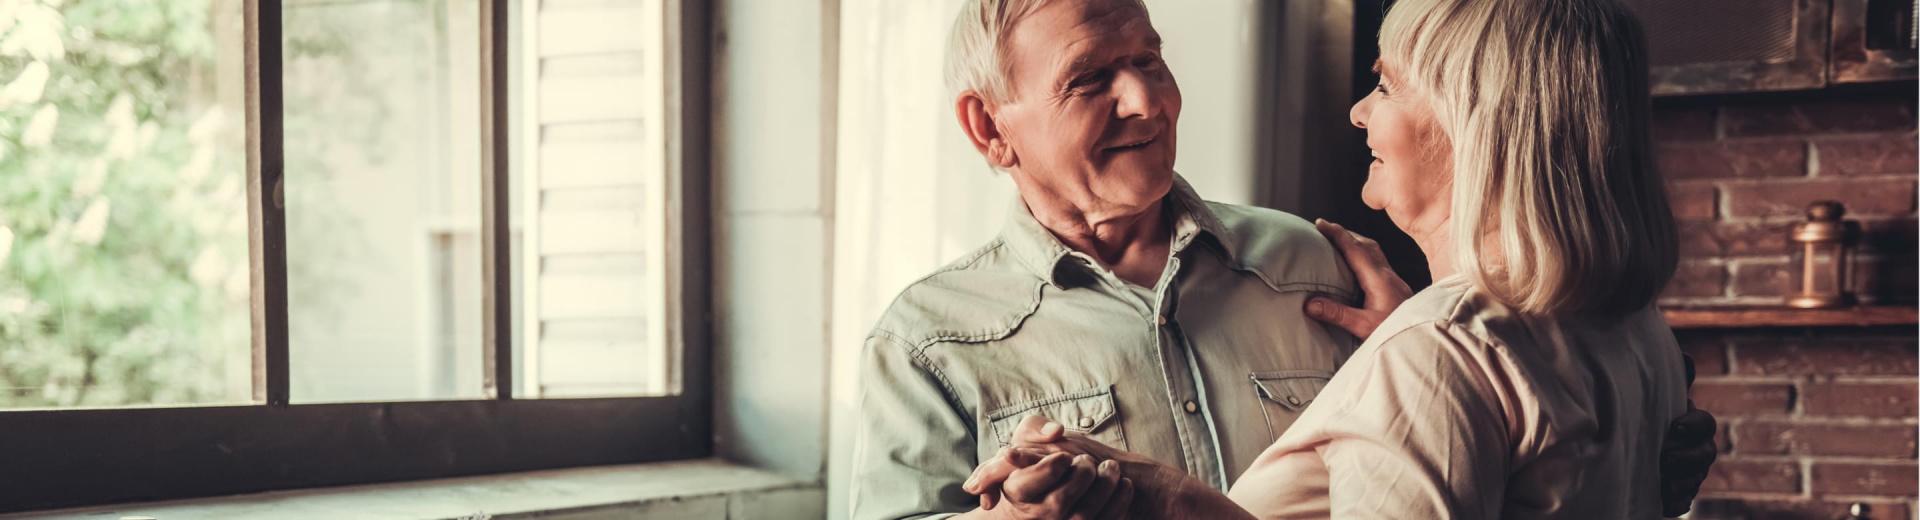 Проценты пенсионного вклада как зайти в личный кабинет пенсионного фонда через госуслуги по снилс